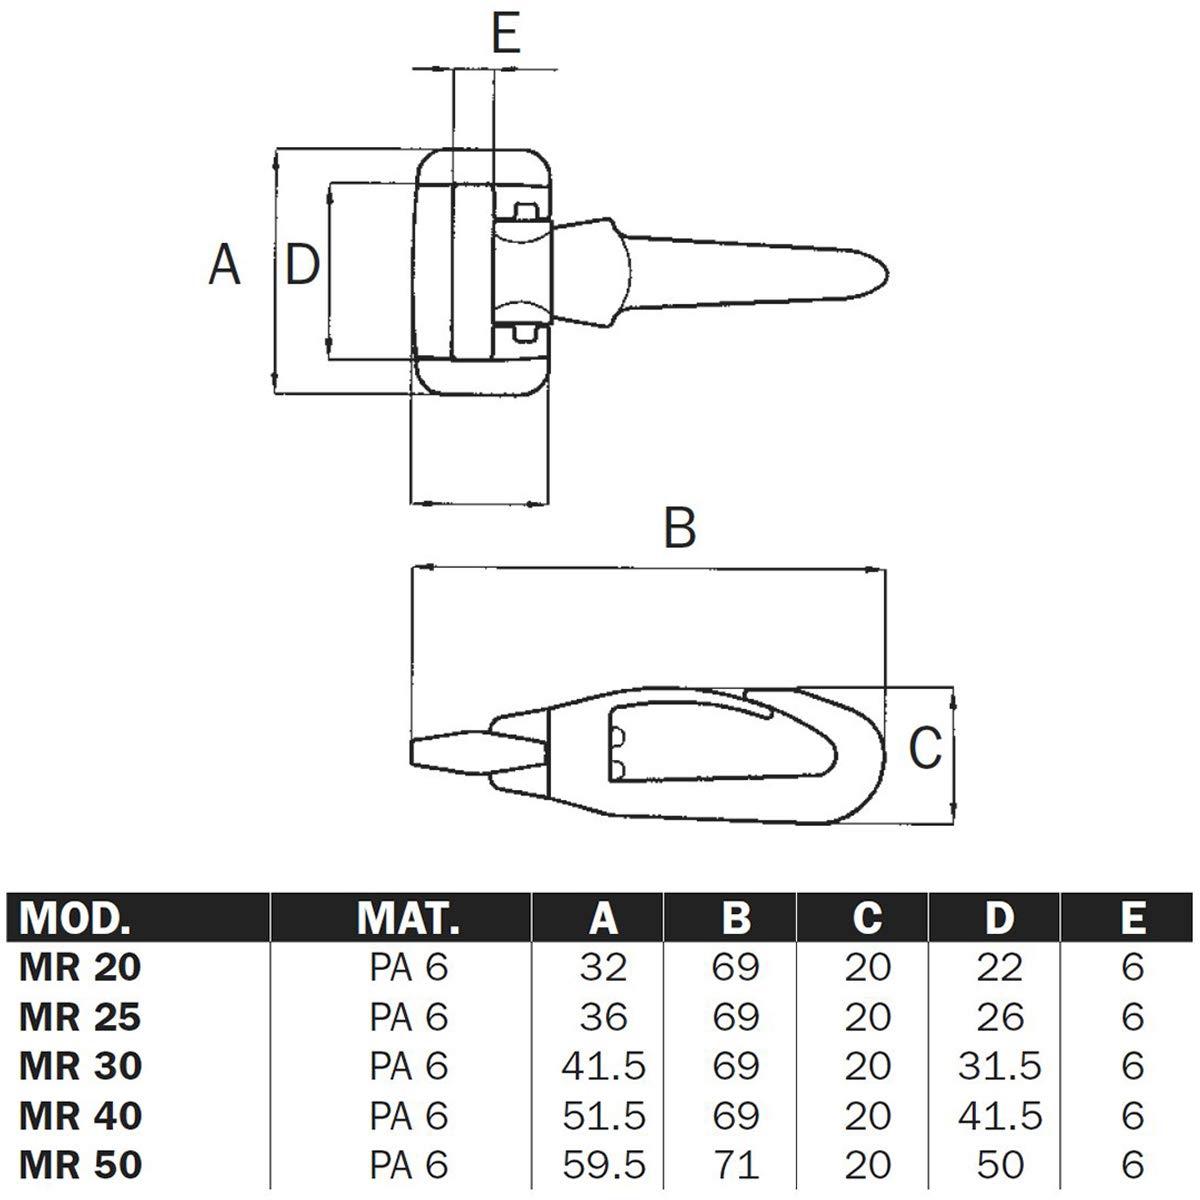 1 St/ück Taschen-Karabiner dreh-und schwenkbar aus Nylon f/ür 25mm Gurtband MR